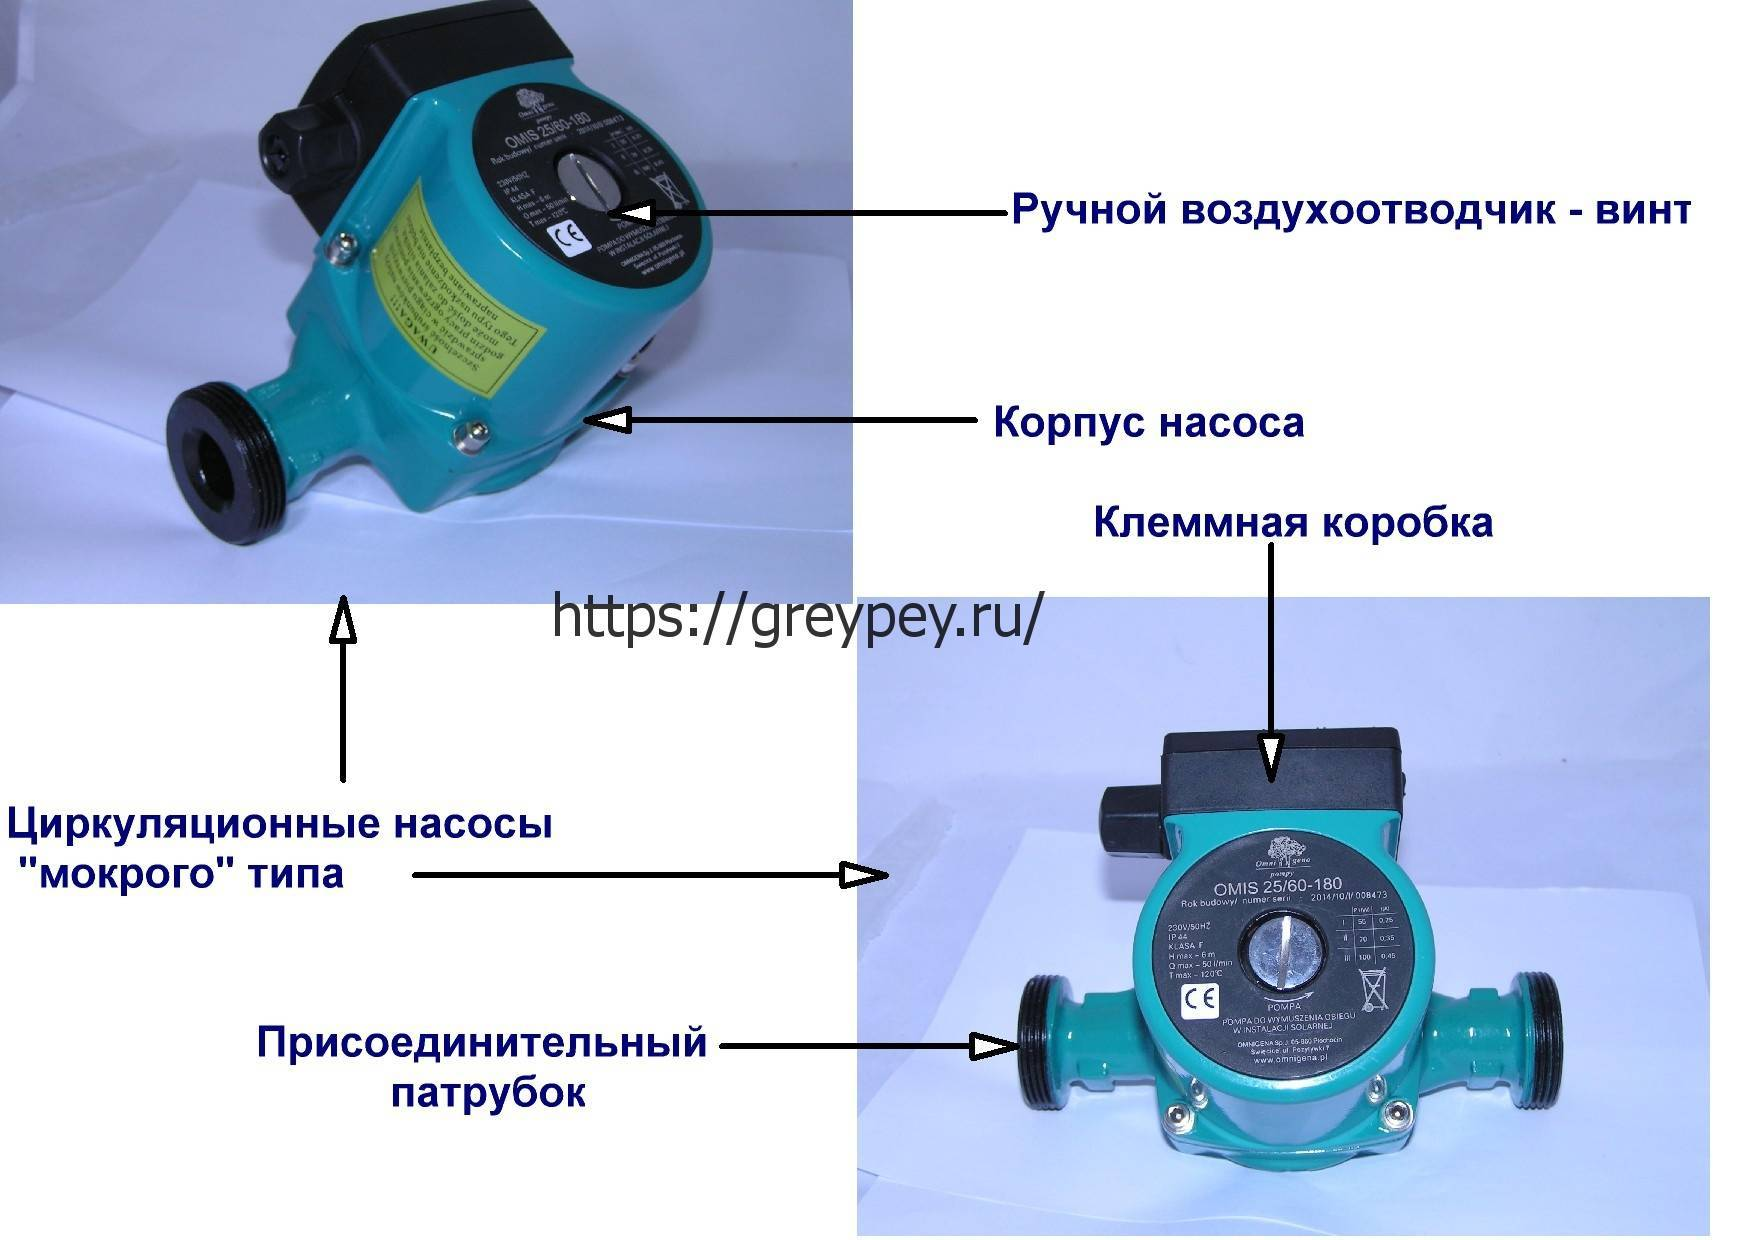 Водяной насос для отопления: рассмотрим водяные насосы для отопления частного дома